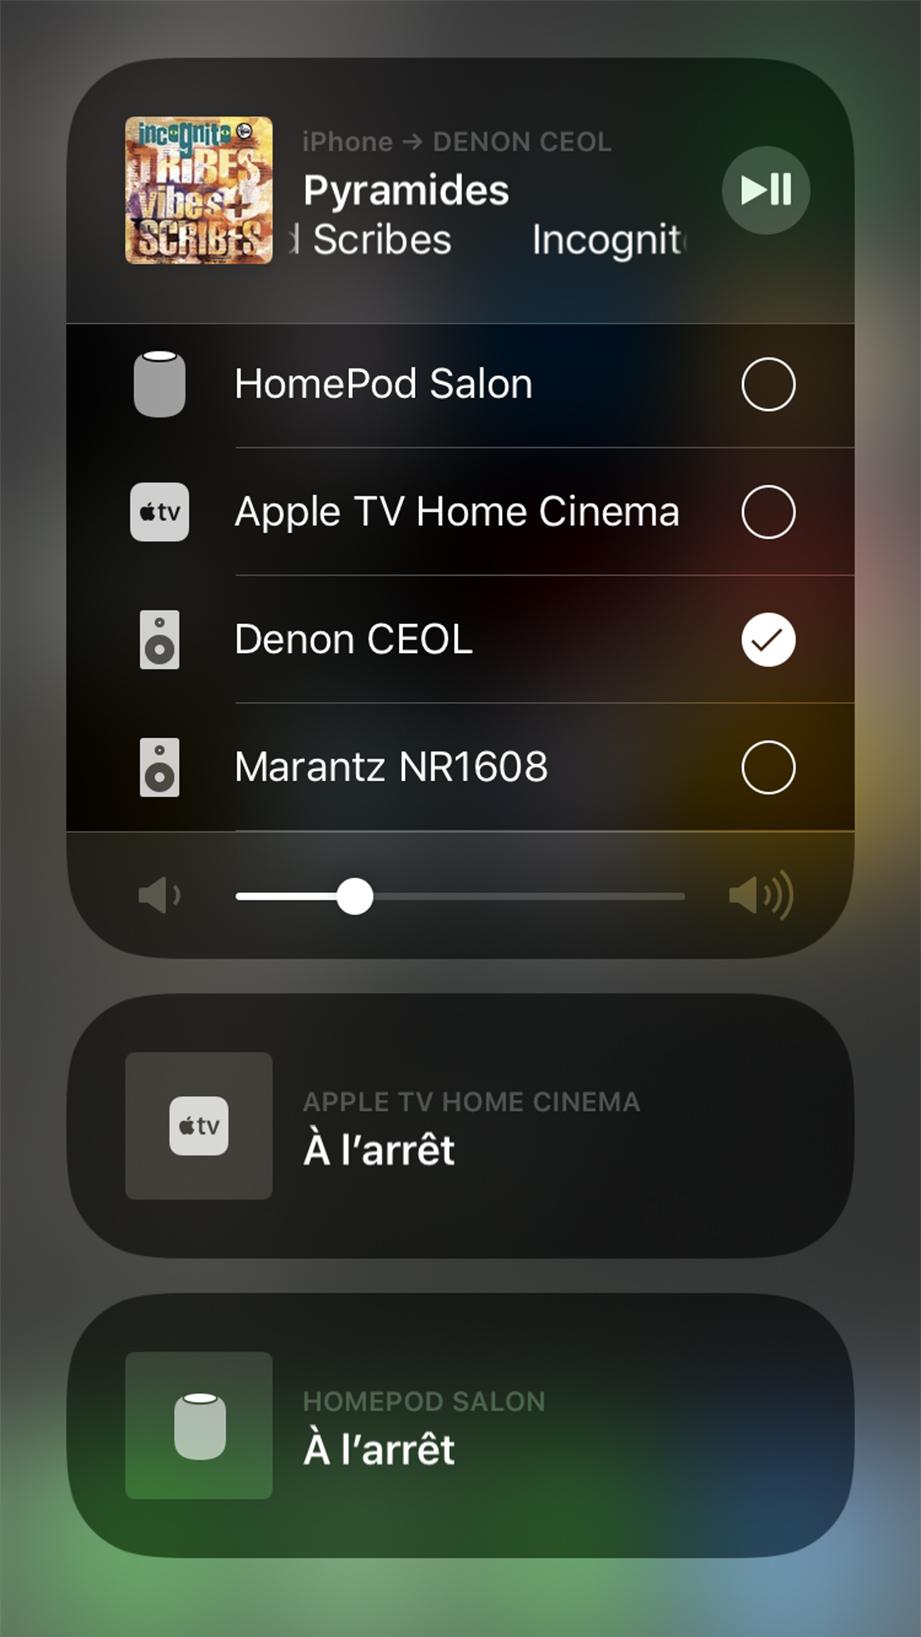 Sur iPhone, le menu AirPlay 2 liste les appareils compatibles, dont le Ceol N10. Il est possible de grouper le N10 avec d'autres appareils AirPlay 2, même s'ils proviennent de fabricants différents.